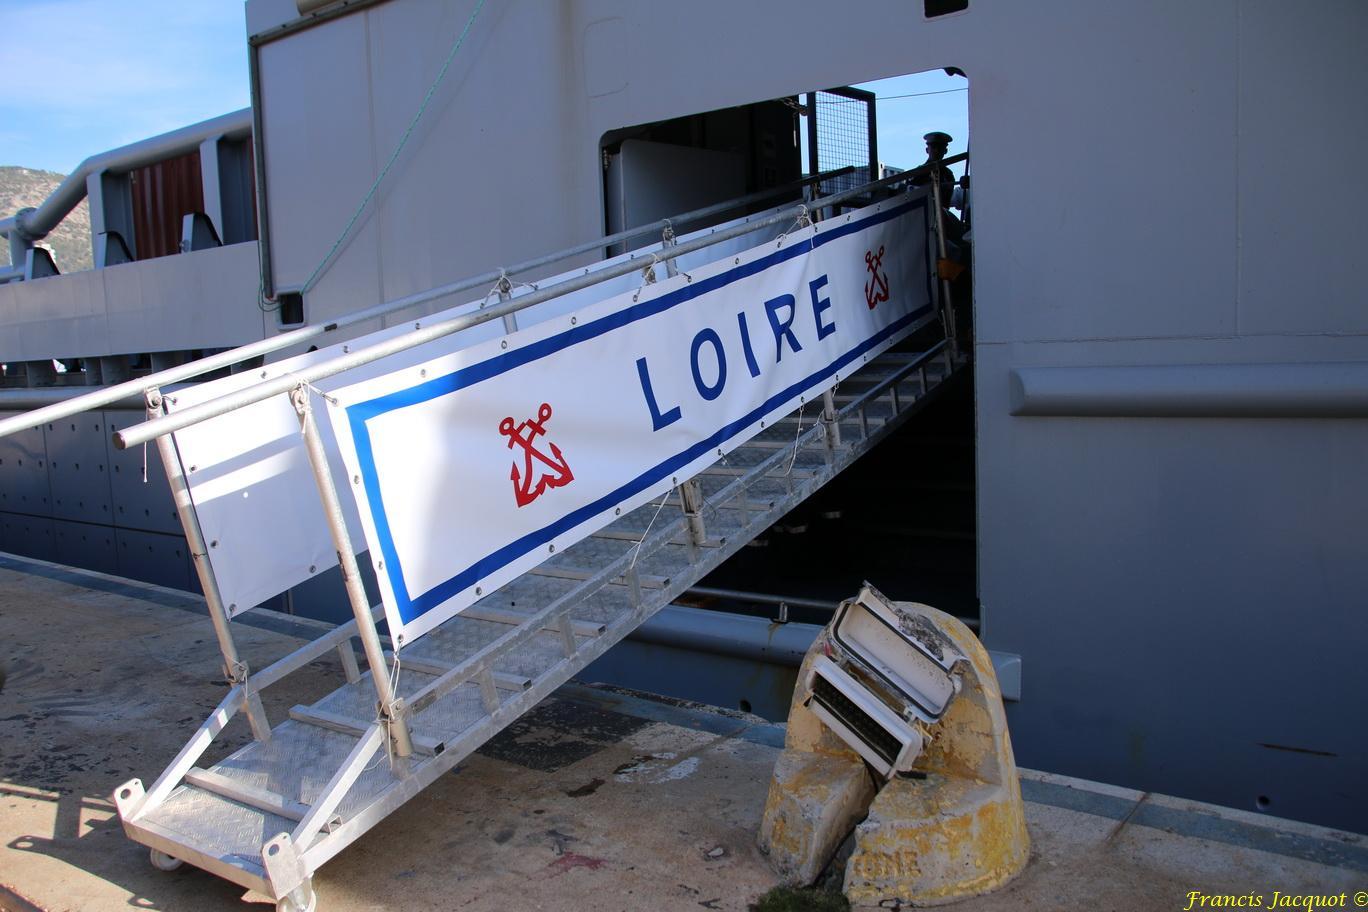 LOIRE BSAM (Bâtiment de Soutien et d'Assistance Métropolitain) 4594307325